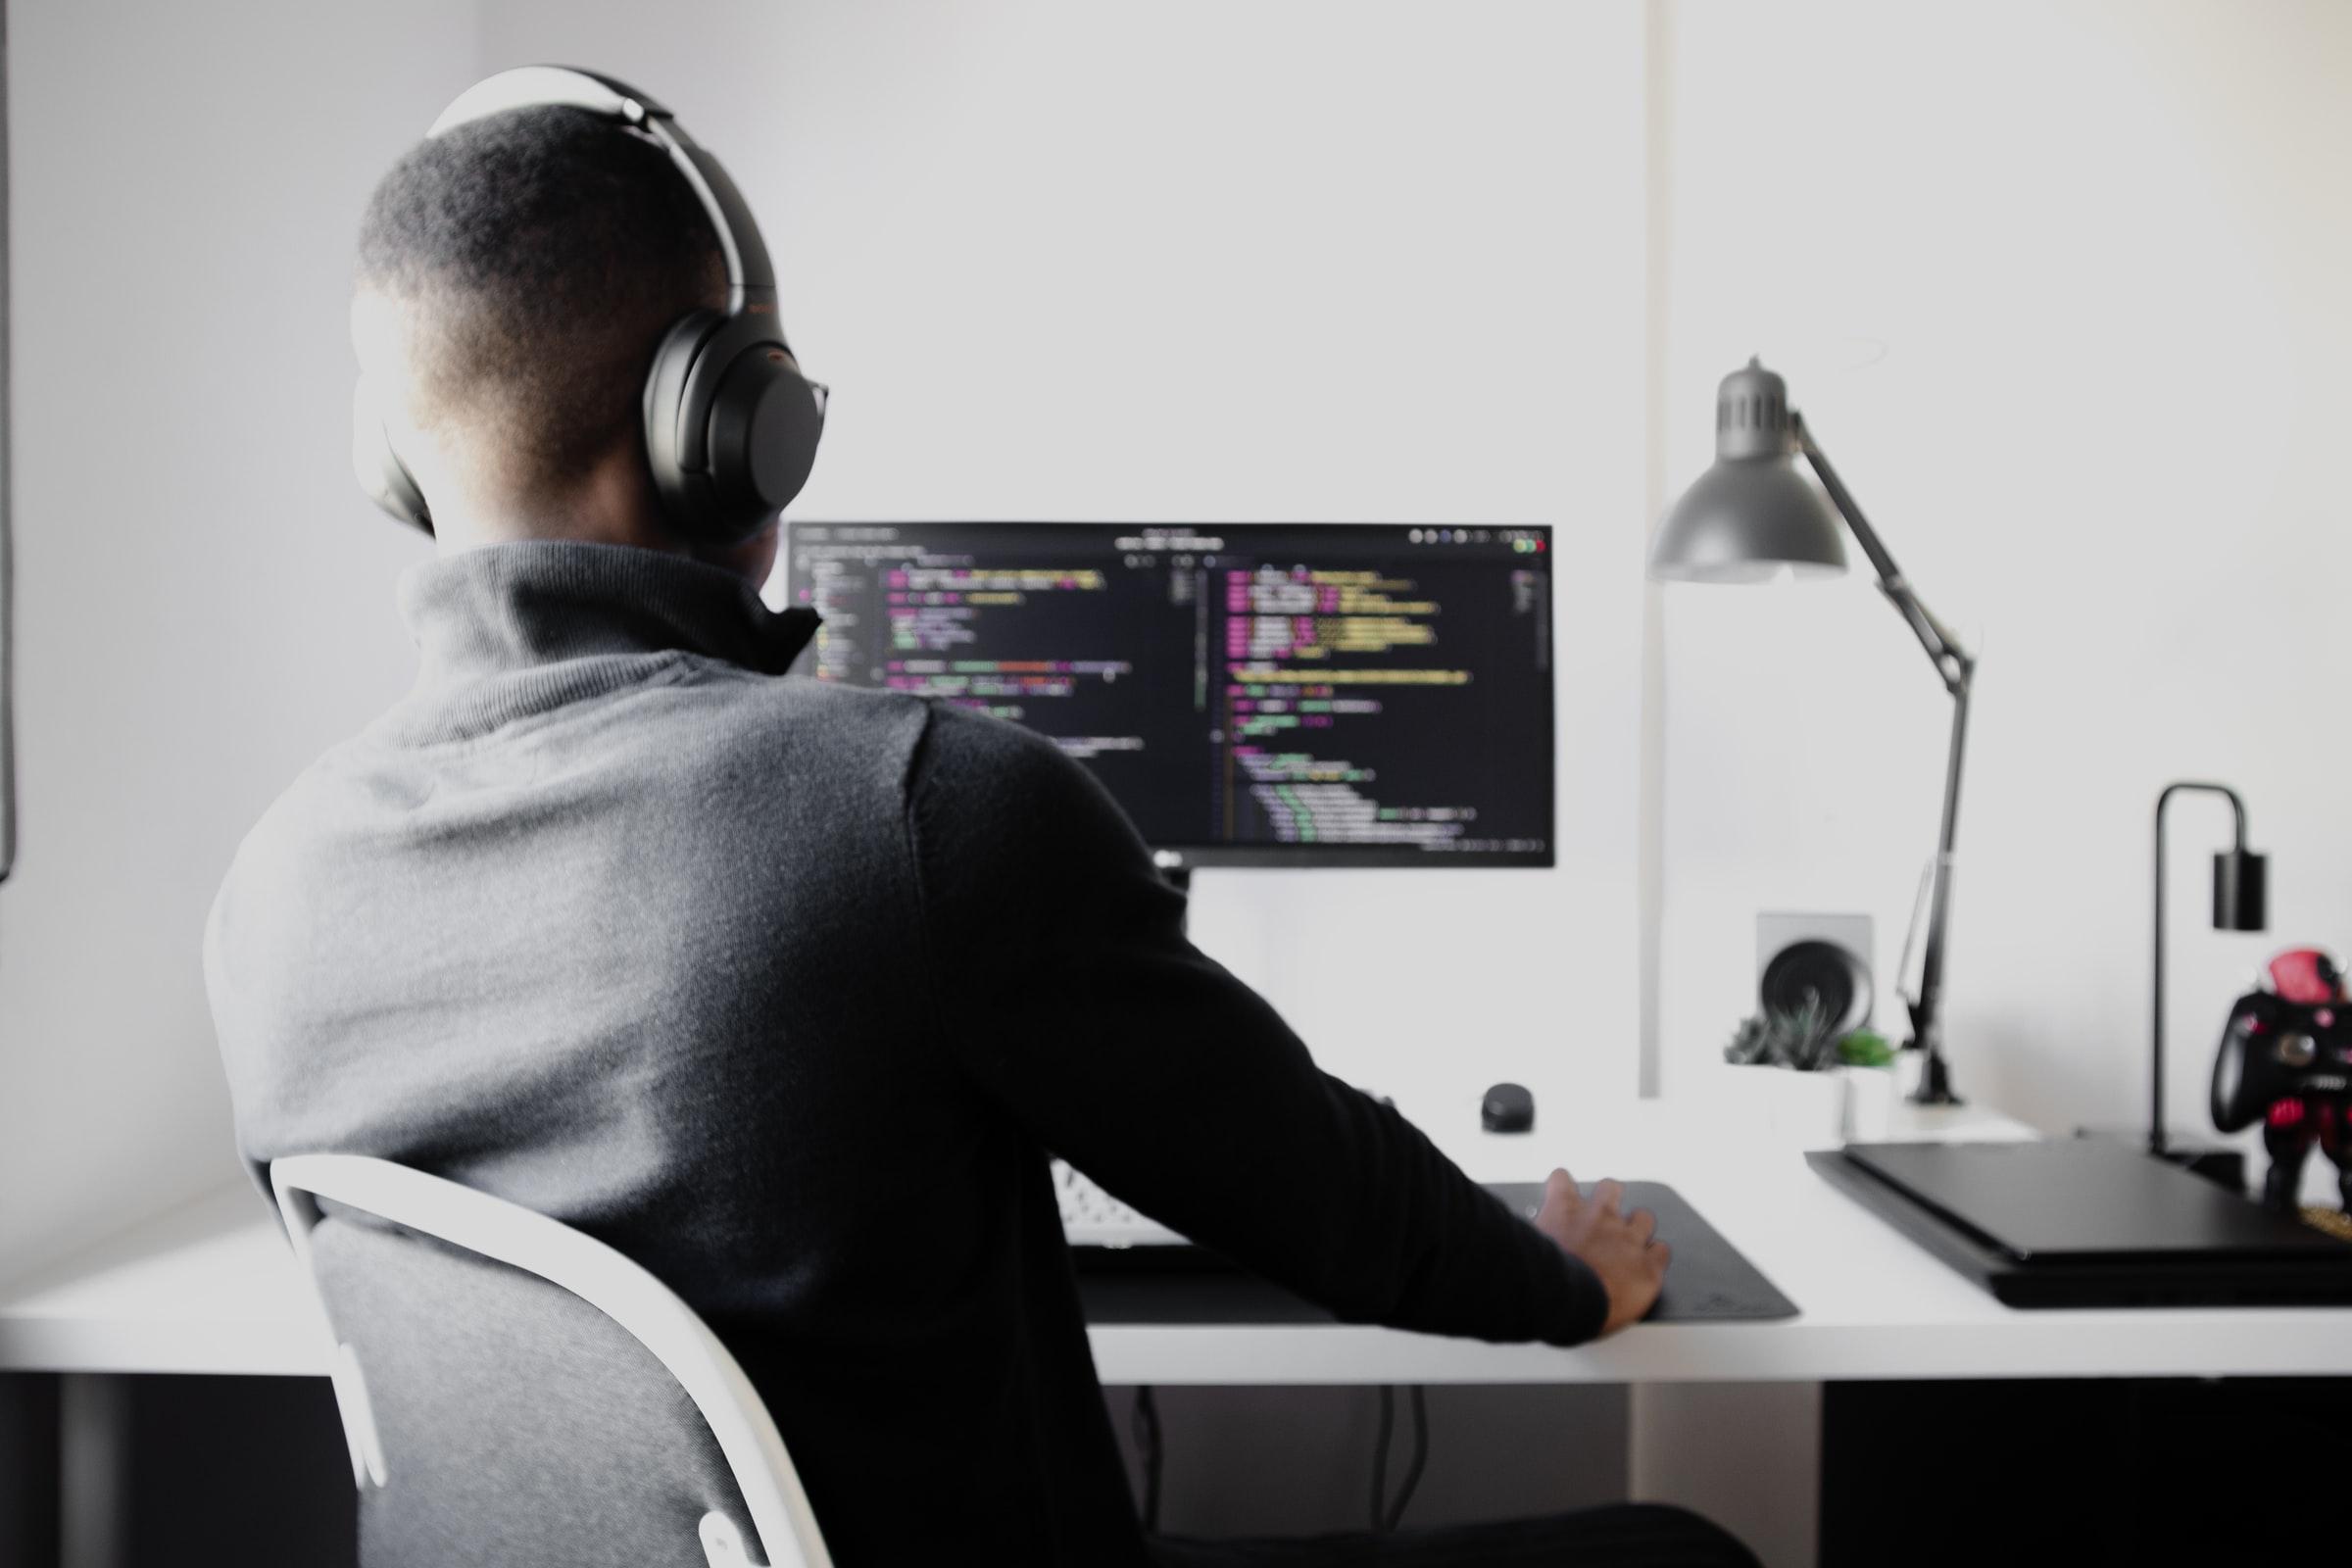 manlig systemutvecklare sitter framför dator